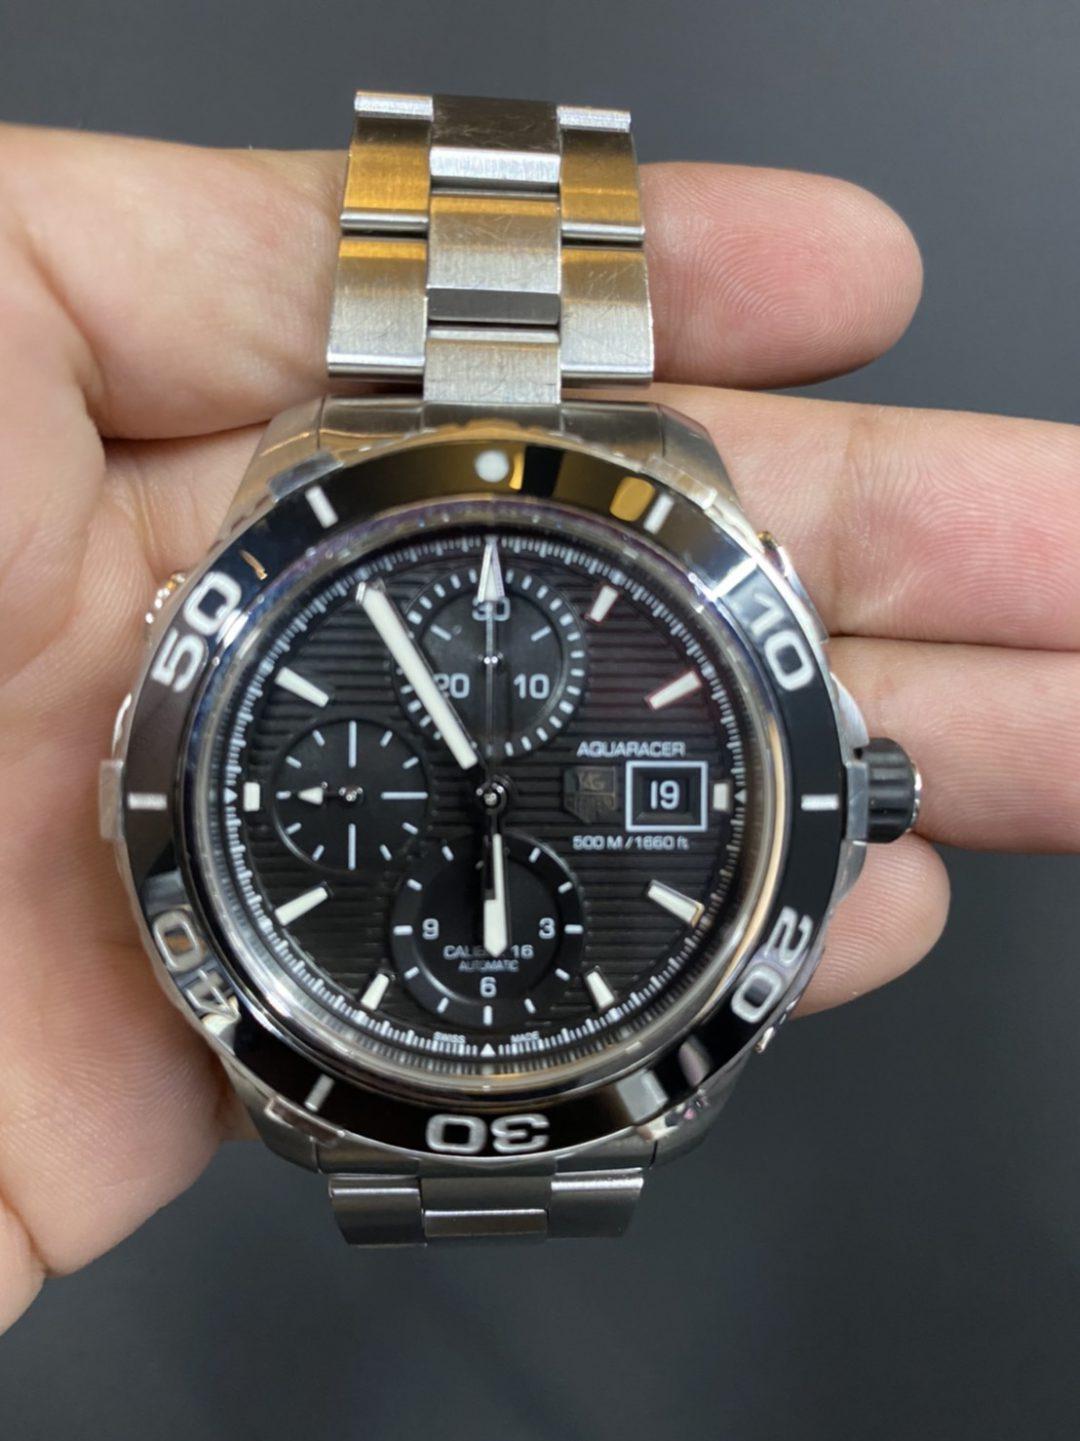 タグホイヤー オーバーホール(分解掃除)は新潟市ブローチ時計修理工房におまかせください!